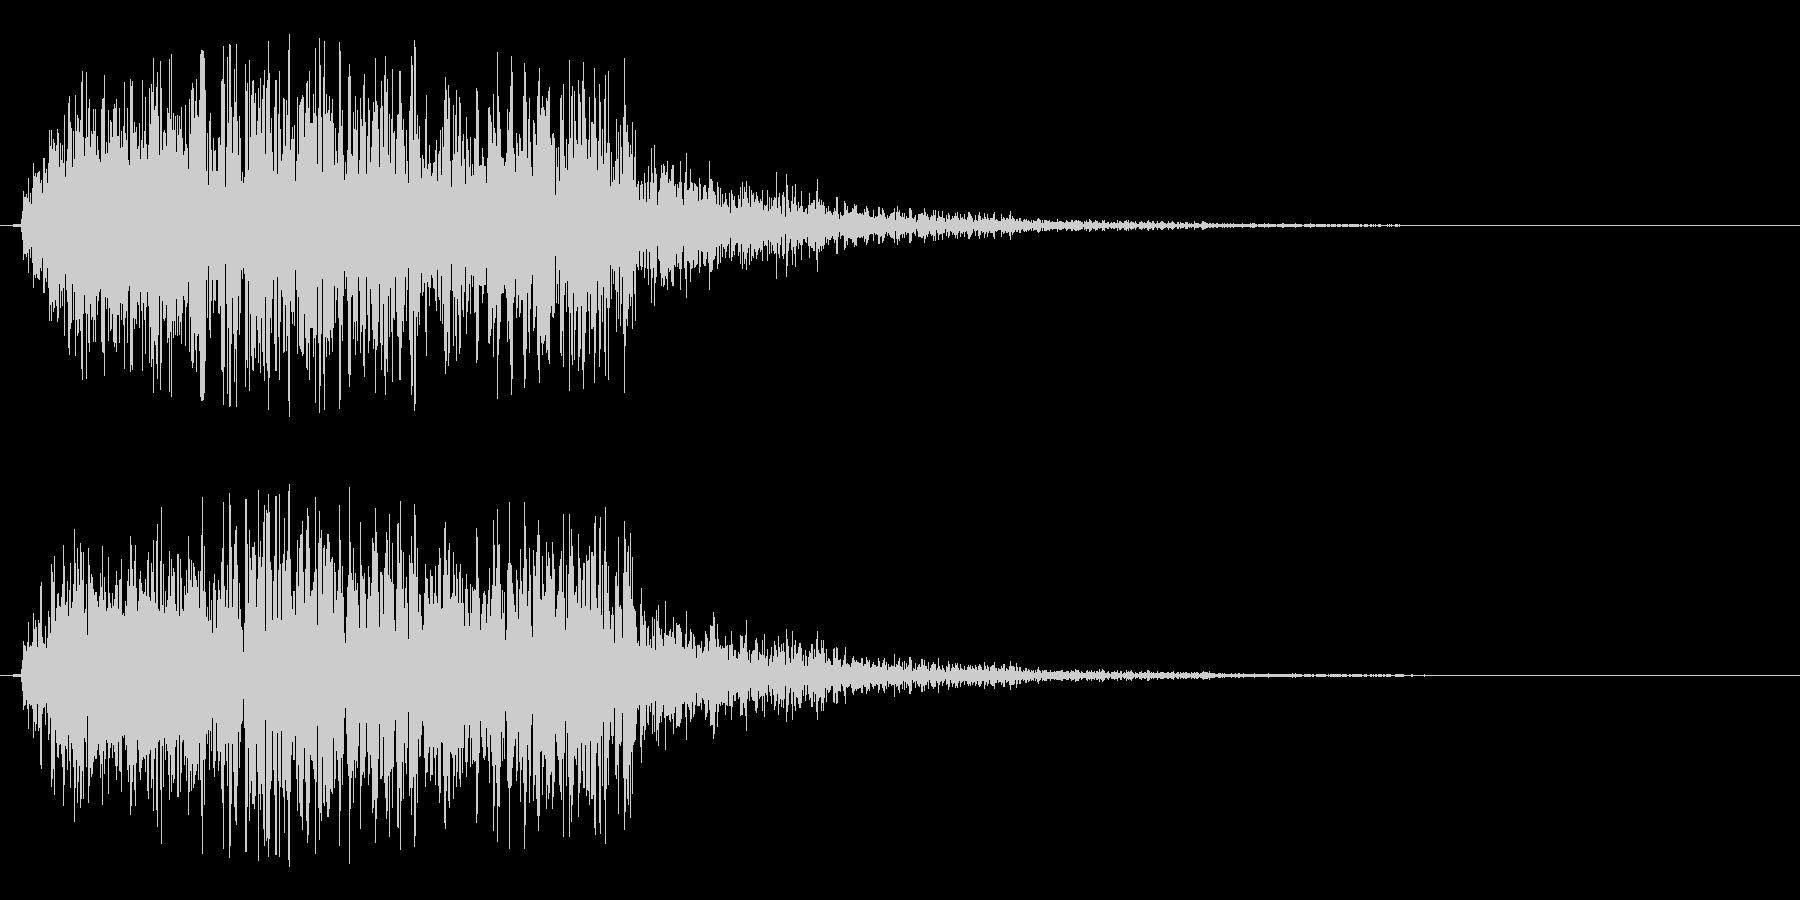 シュルルッ(回転系)の未再生の波形